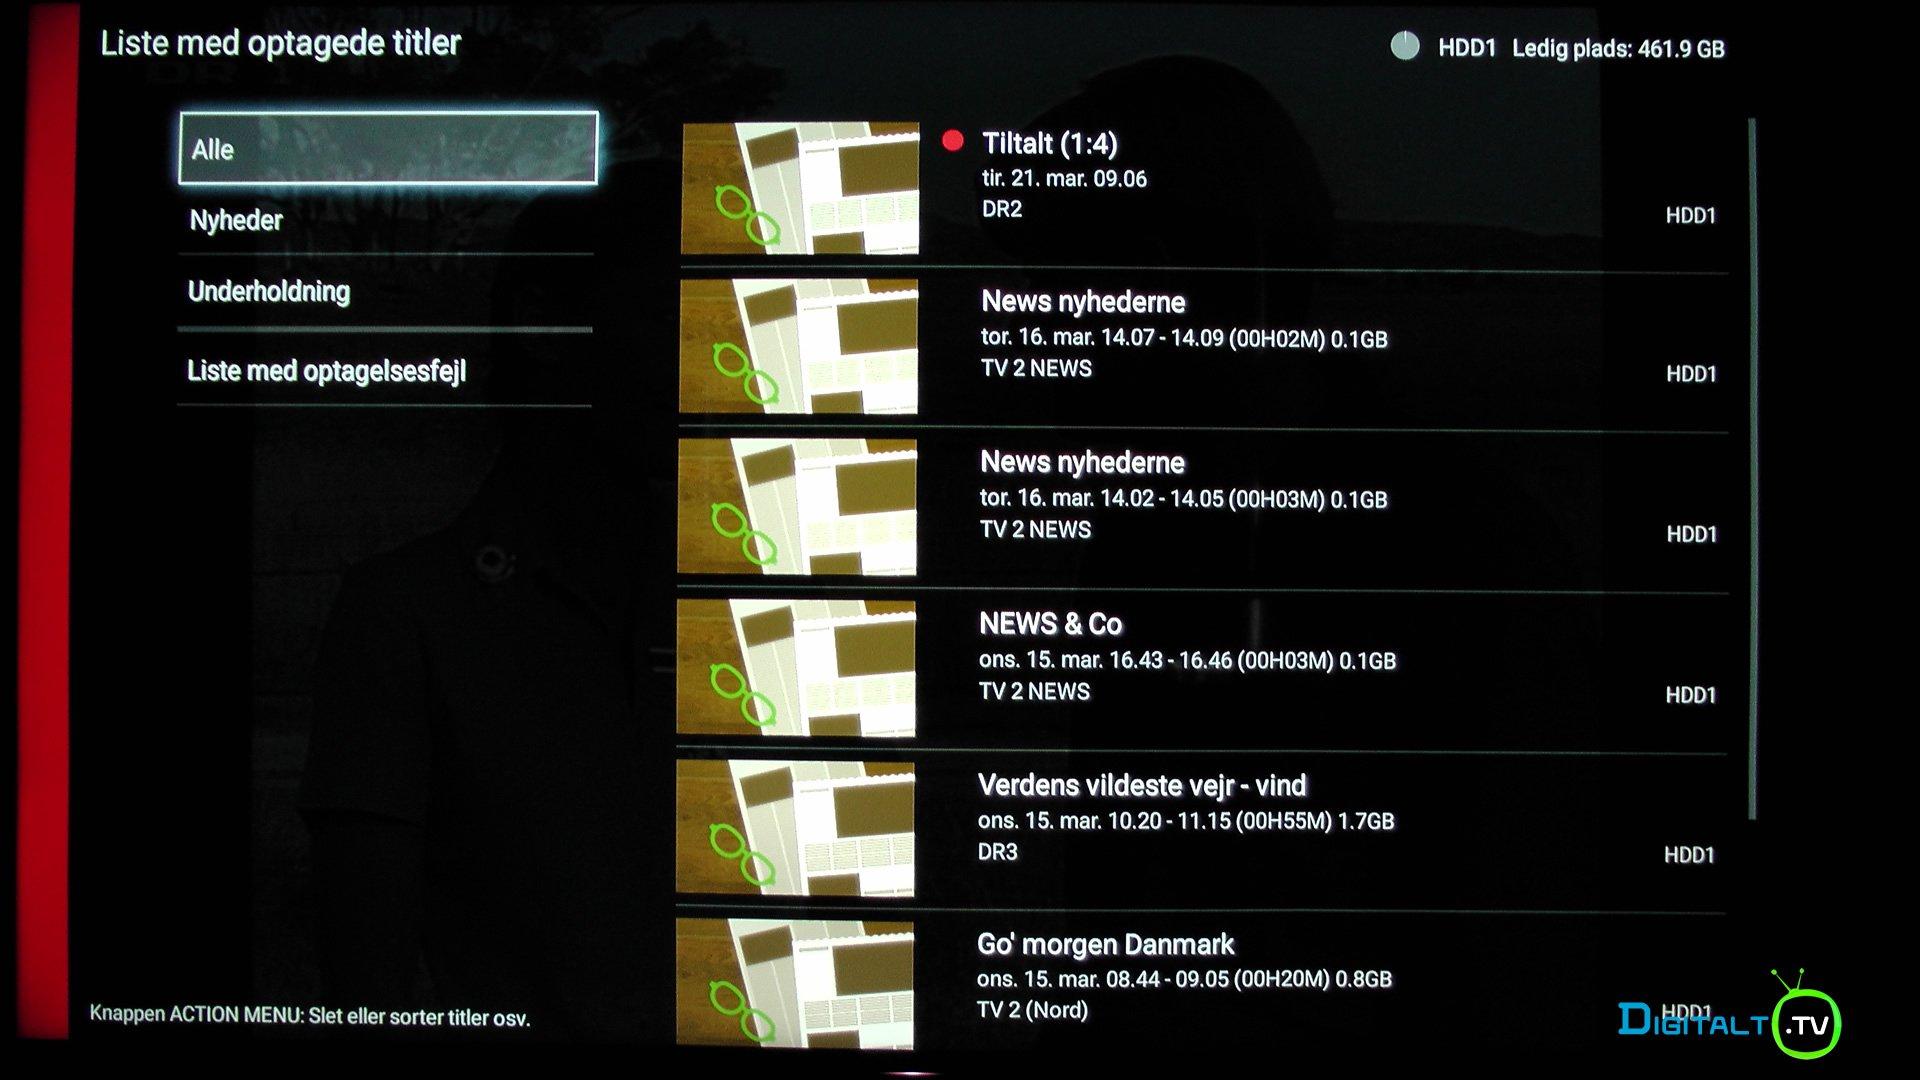 Sony XE9005 Optaget TV liste